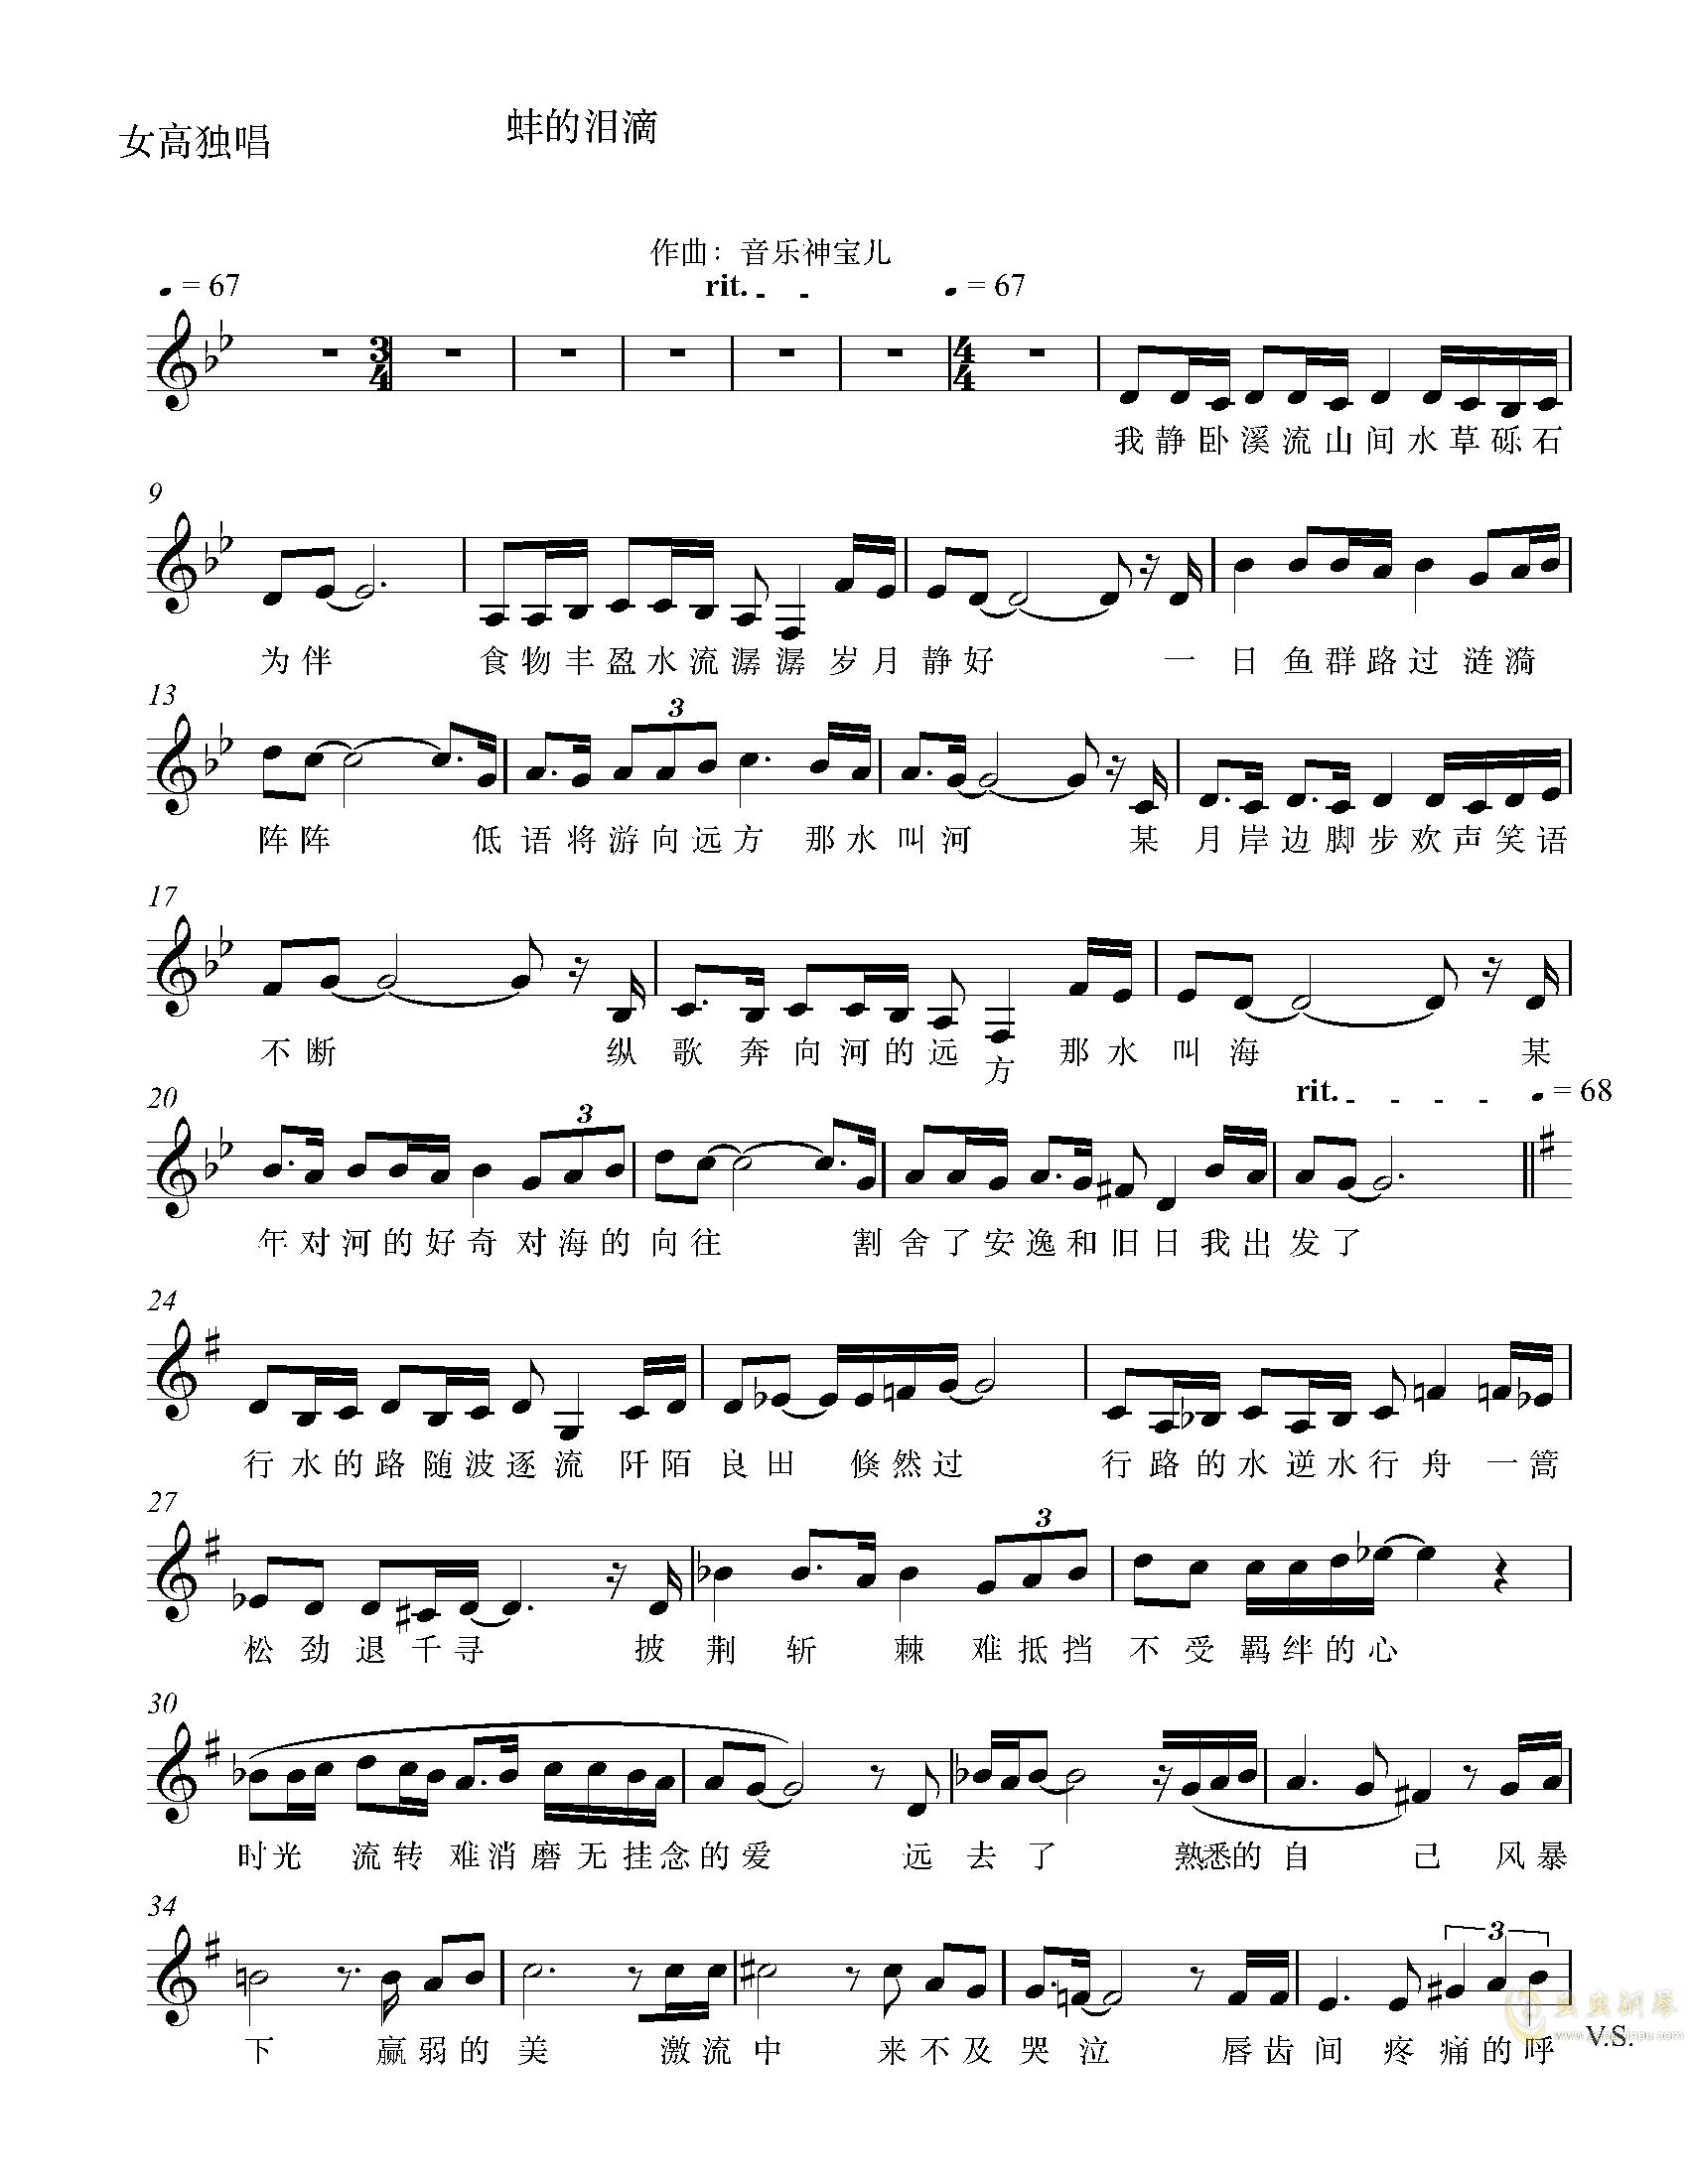 蚌的泪滴钢琴谱 第1页